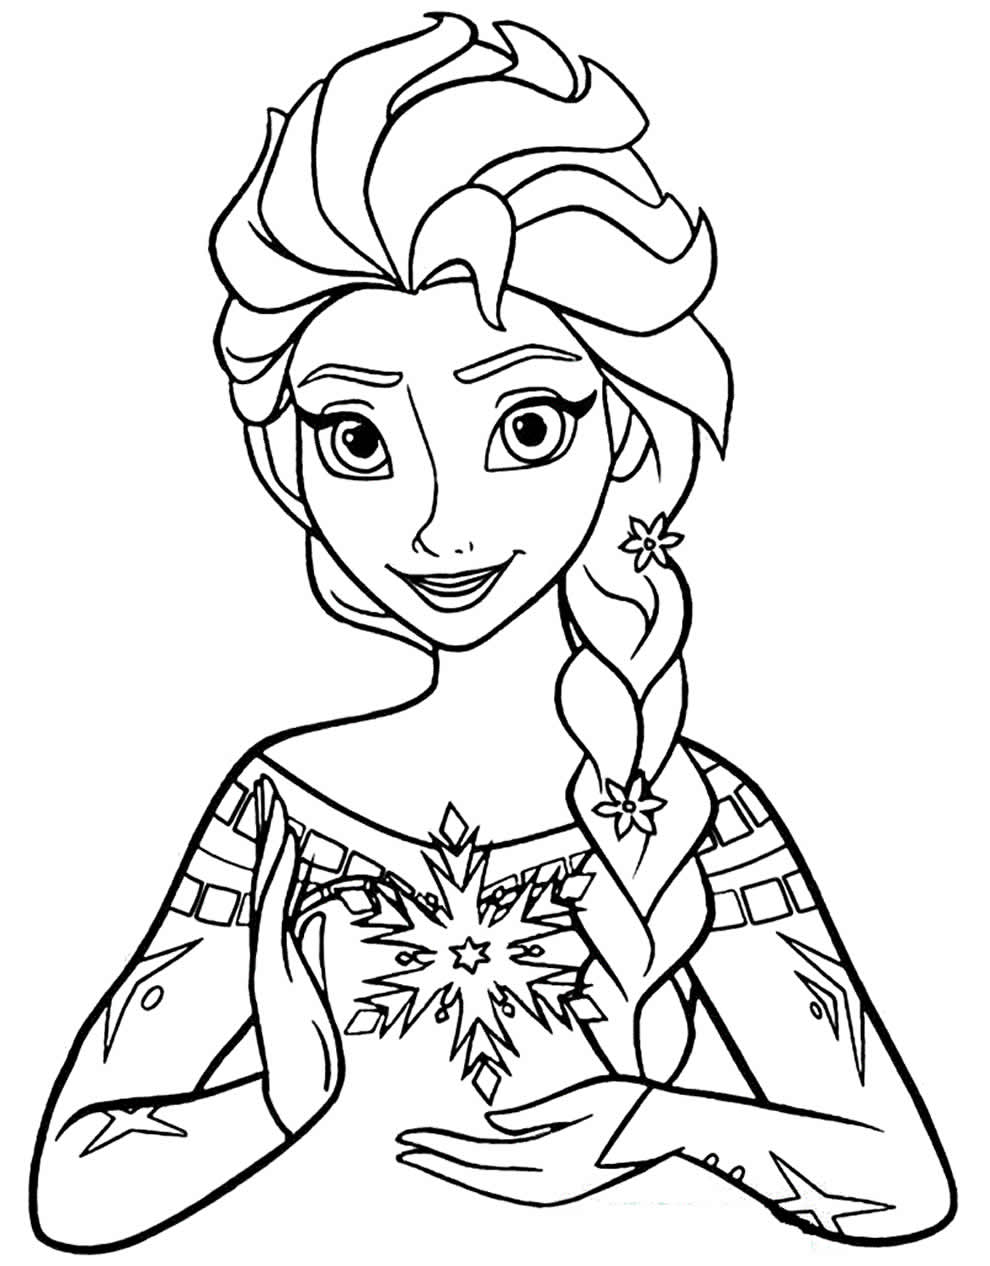 Imagem da Frozen para colorir